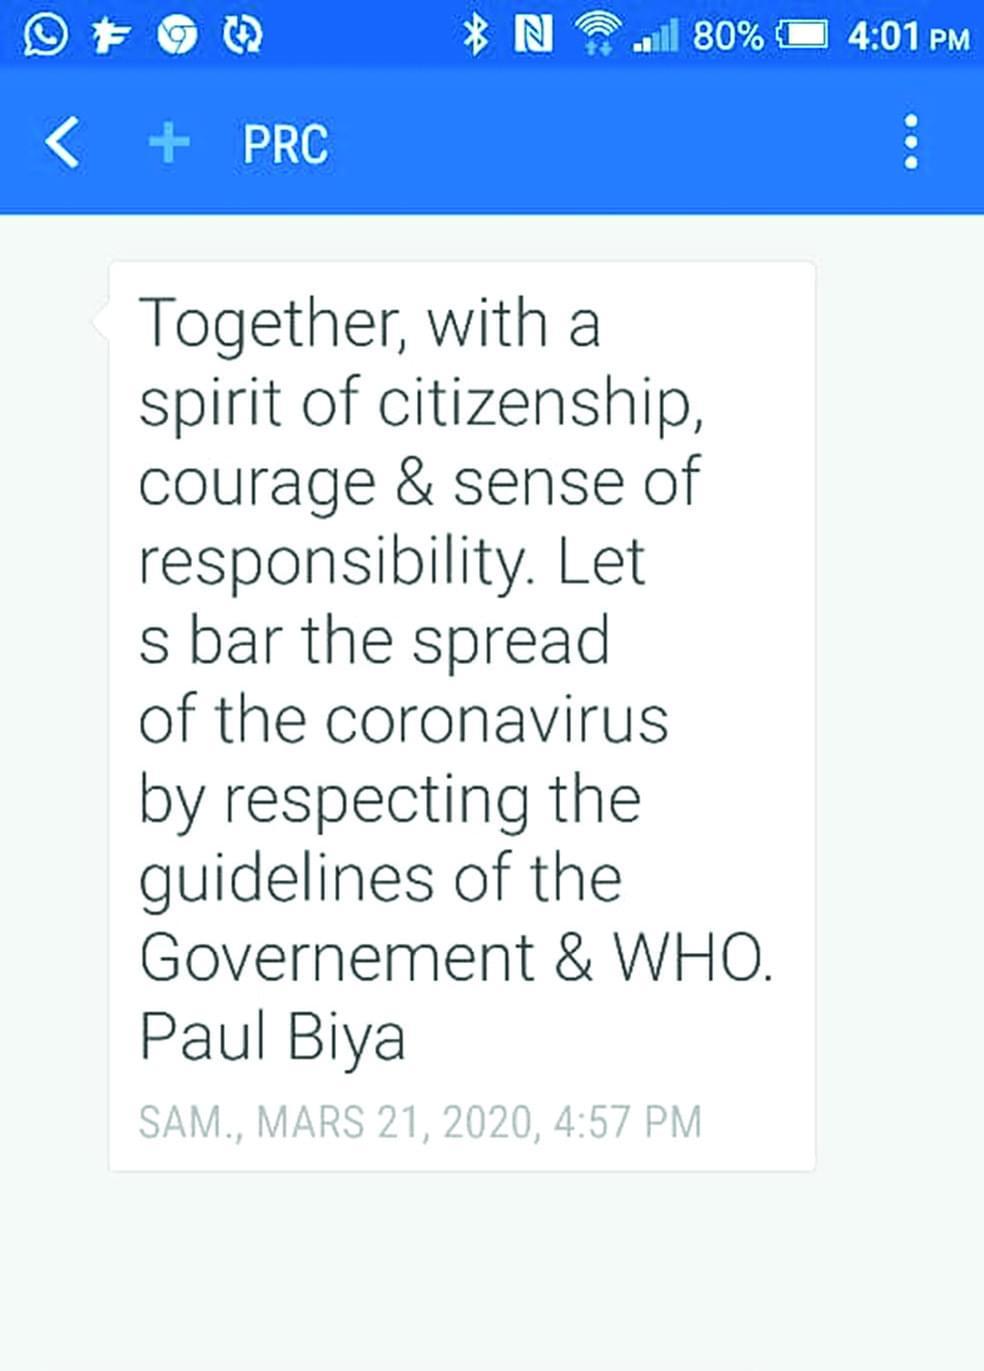 Lutte contre le coronavirus : Paul Biya poursuit la sensibilisation